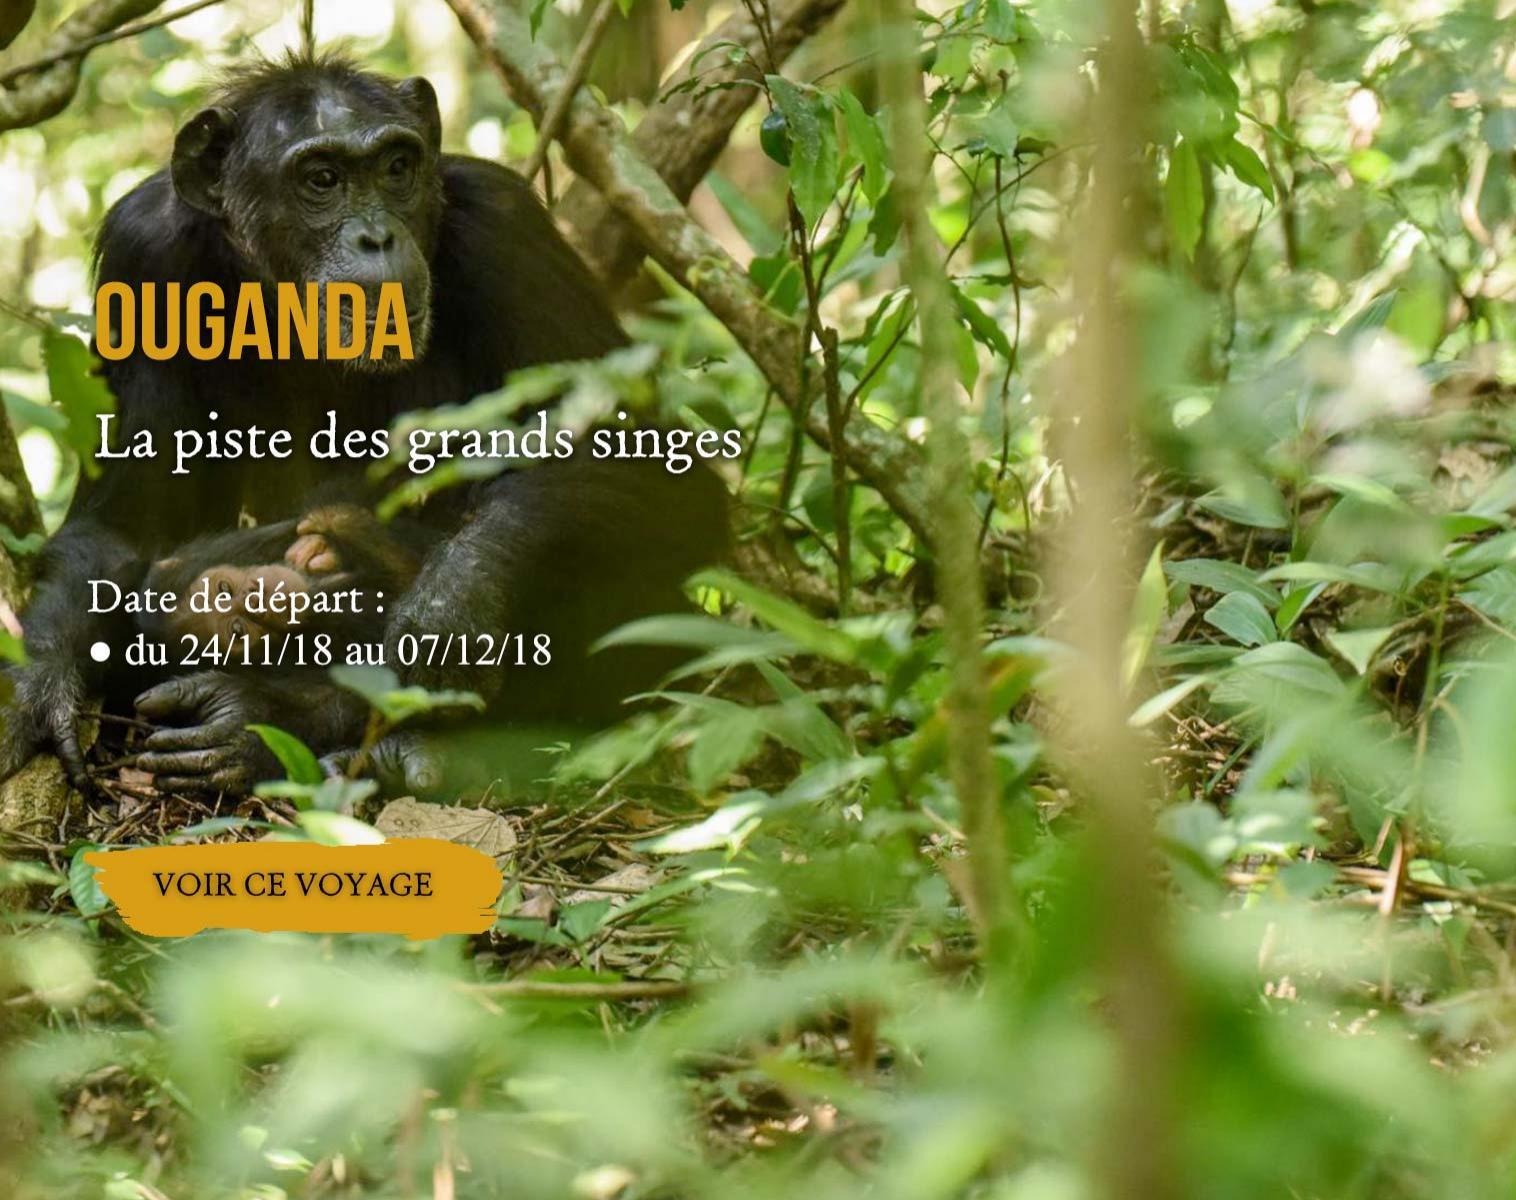 Ouganda, la piste des grands singes